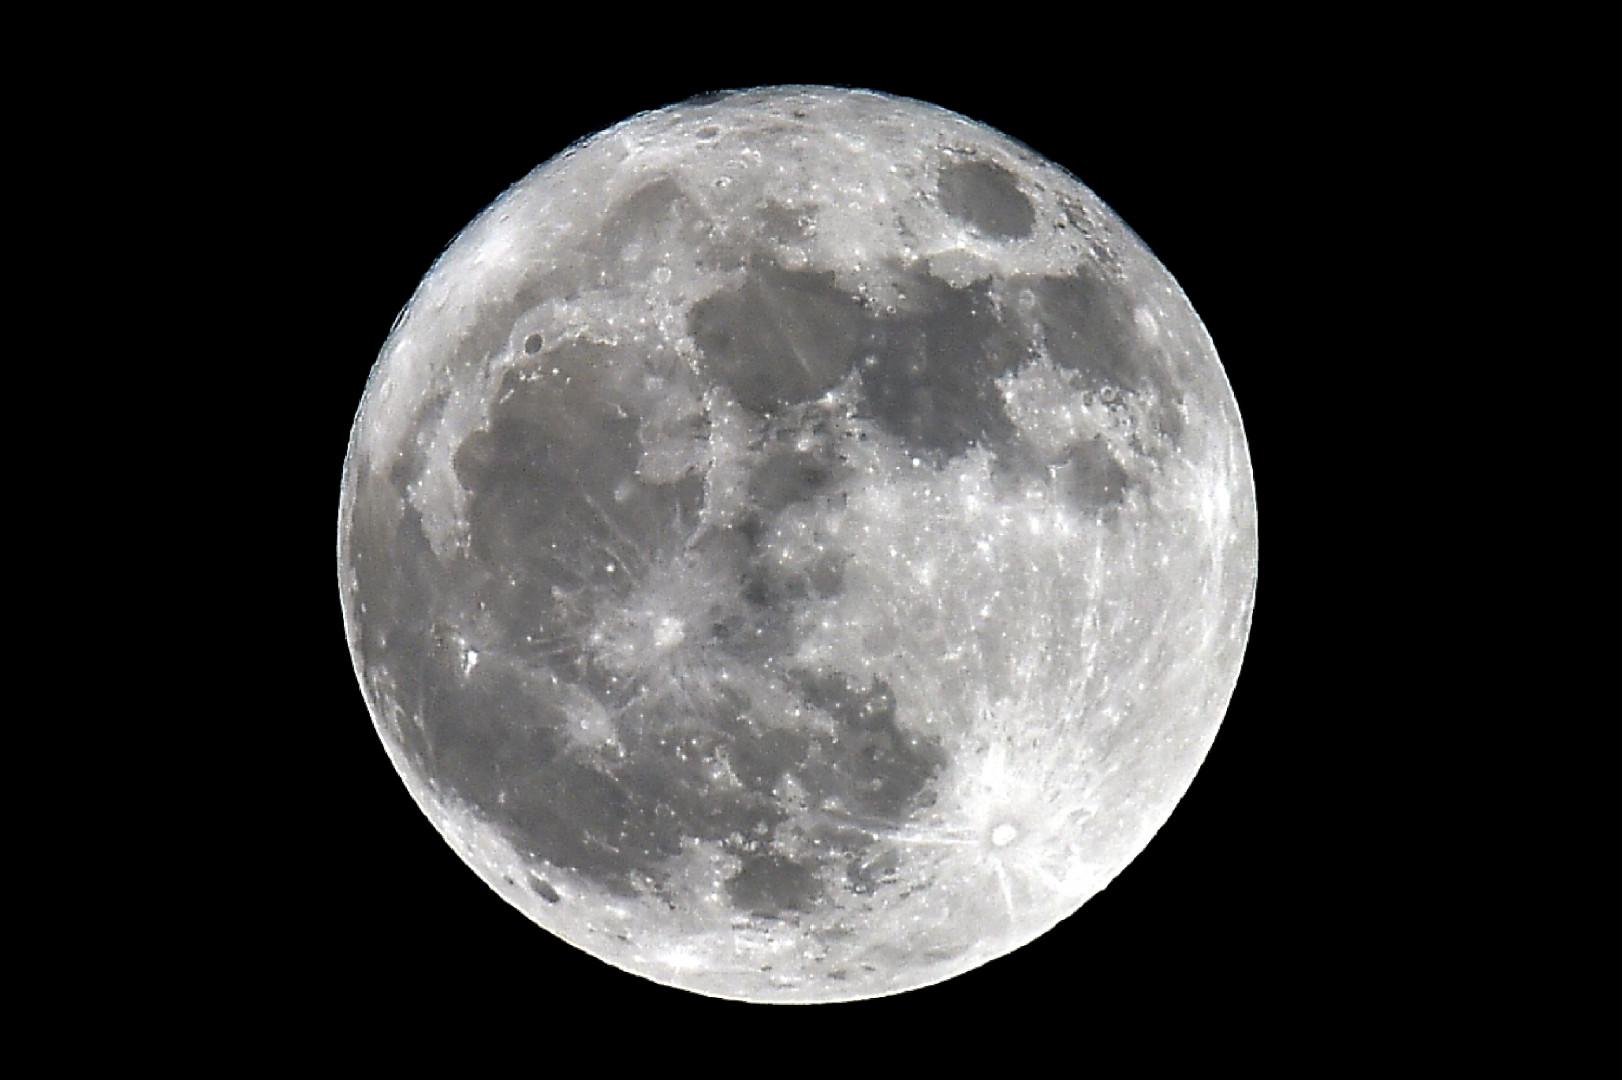 La Lune est passée à 357 492 km de la Terre